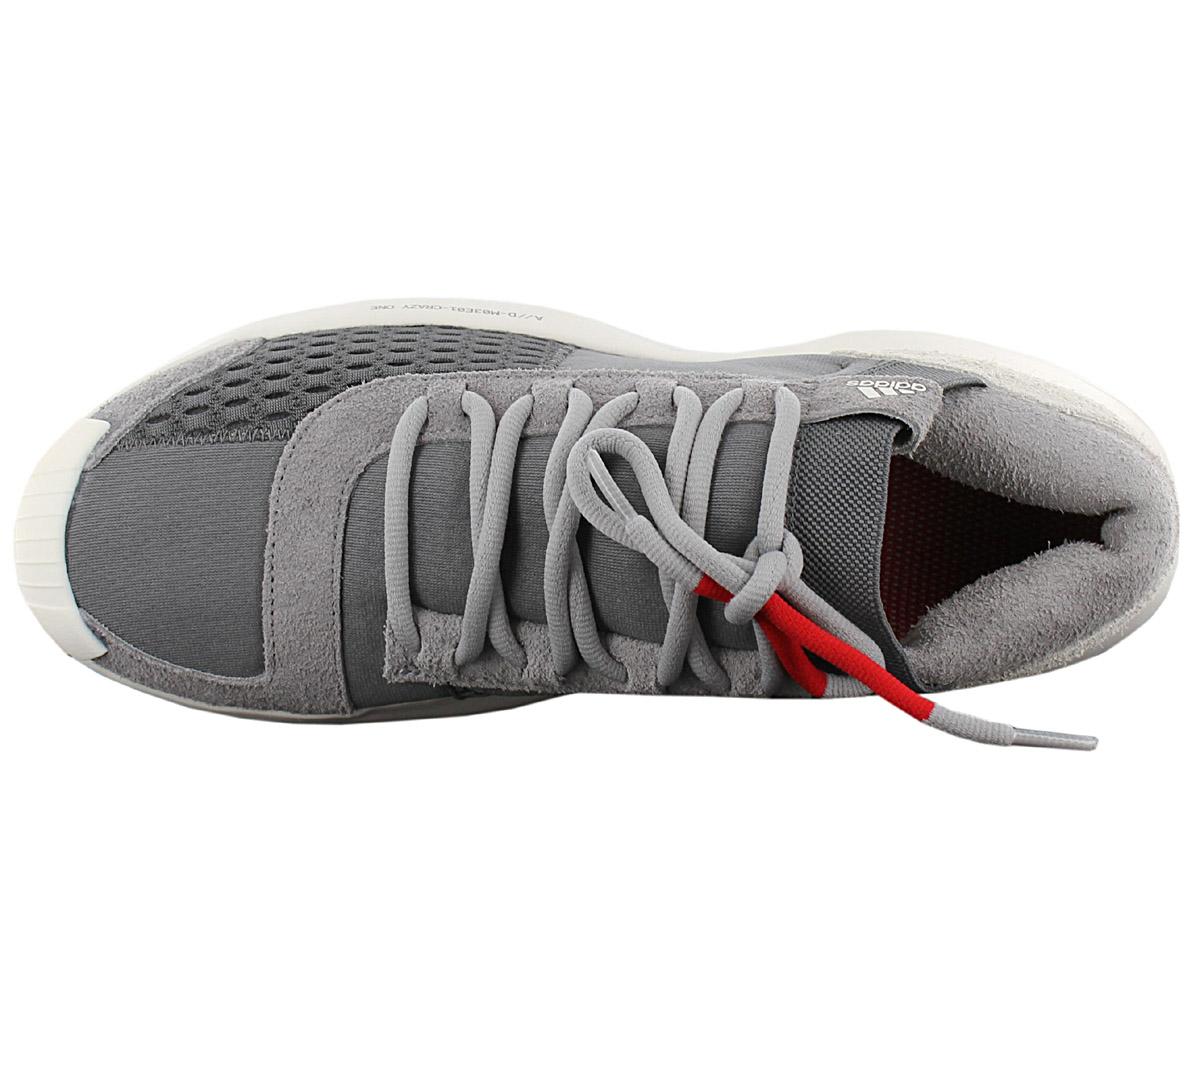 adidas Consortium Crazy 1 AD Herren Sneaker CQ1868 Grau